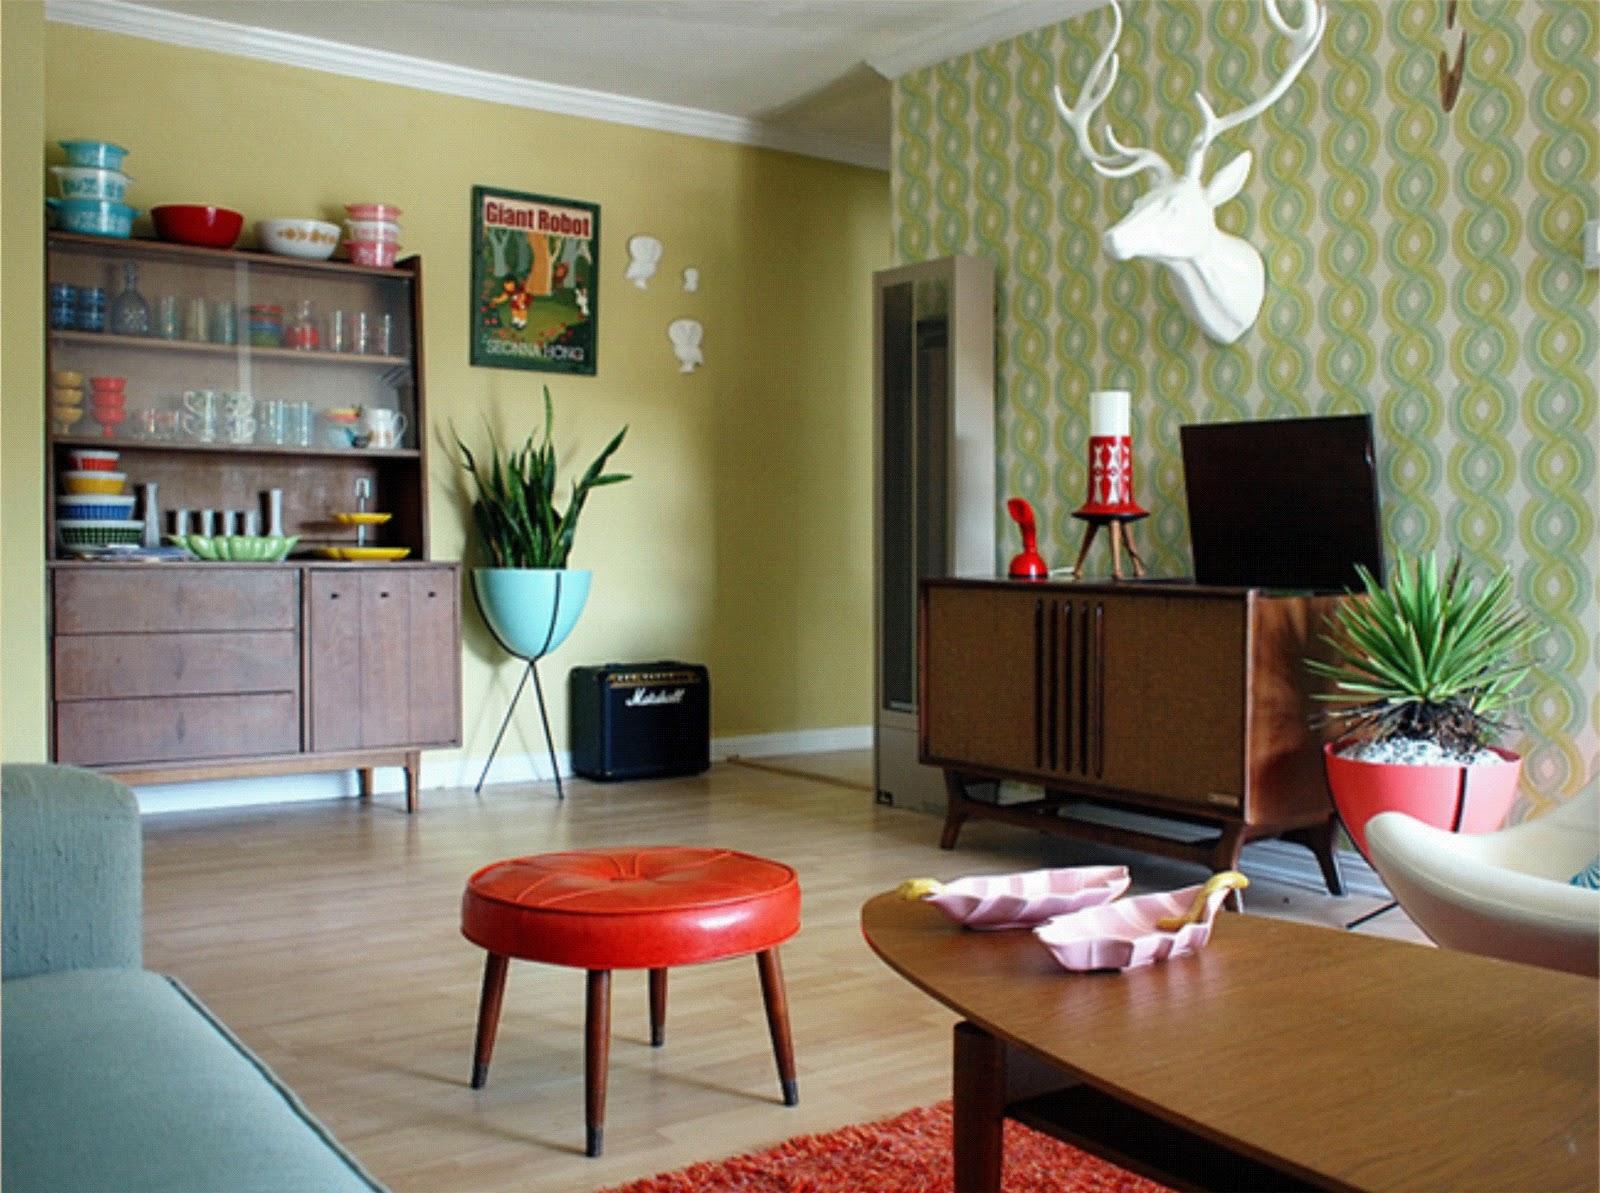 Modern Vintage Home Decor Ideas: Qual Seu Estilo De Decoração?